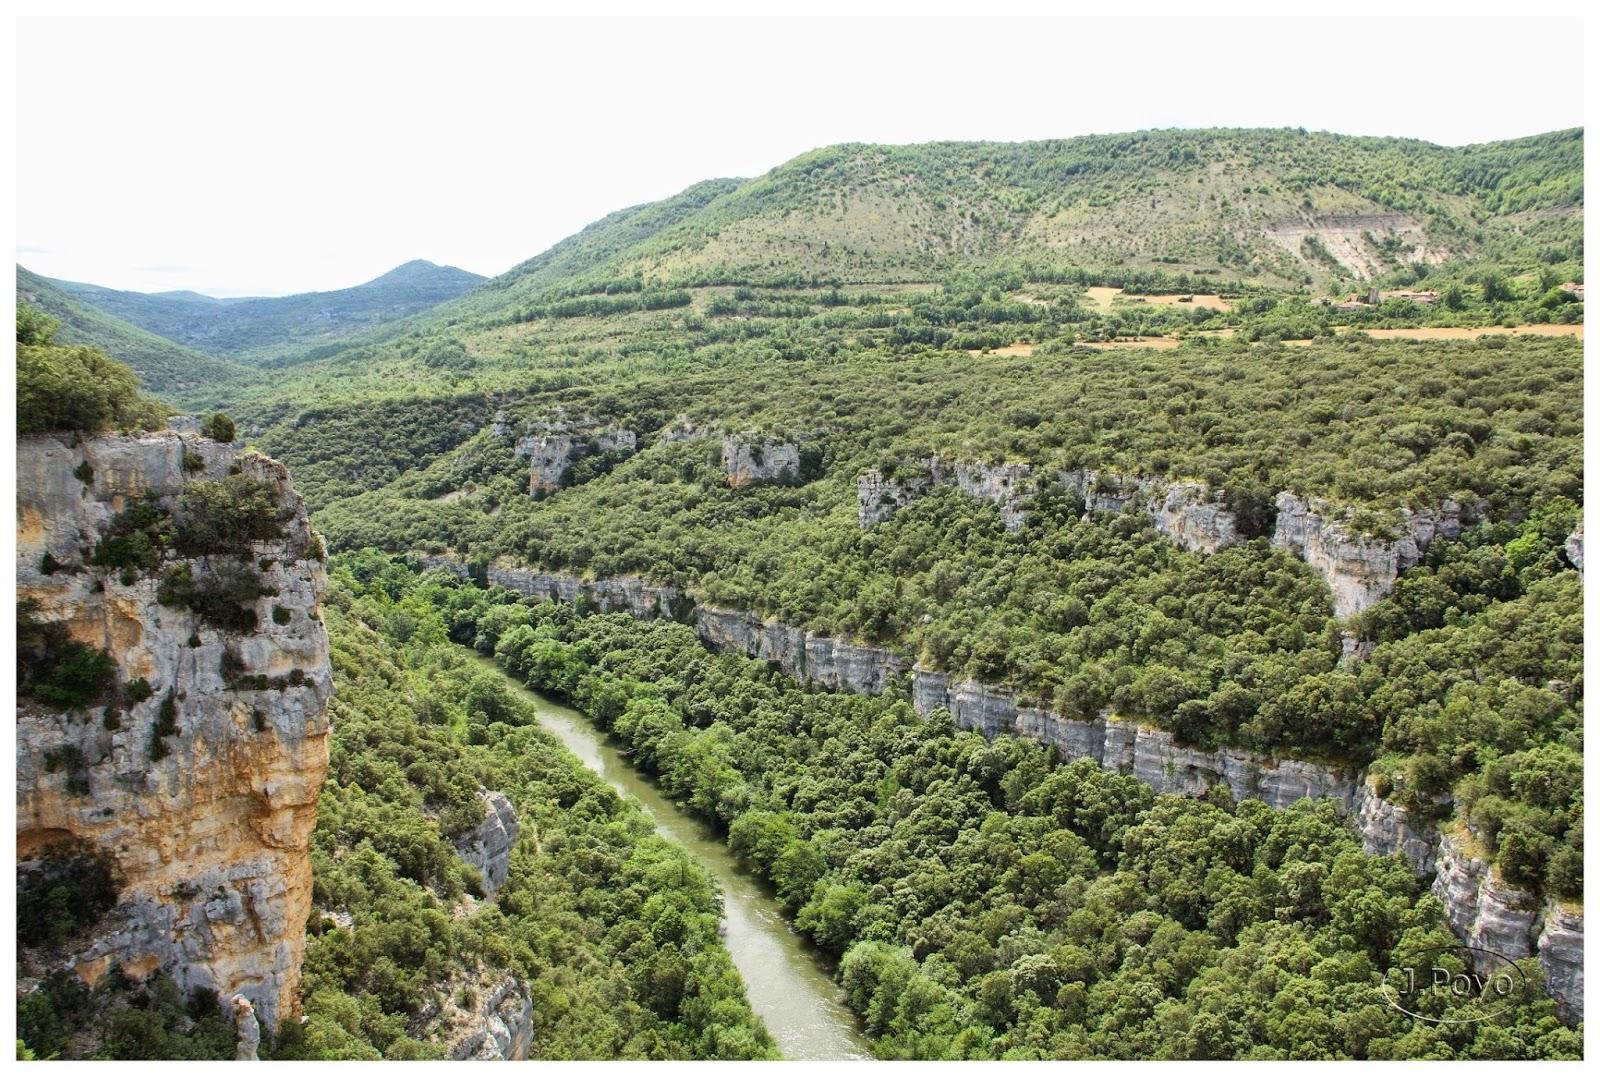 Mirador del Río Ebro